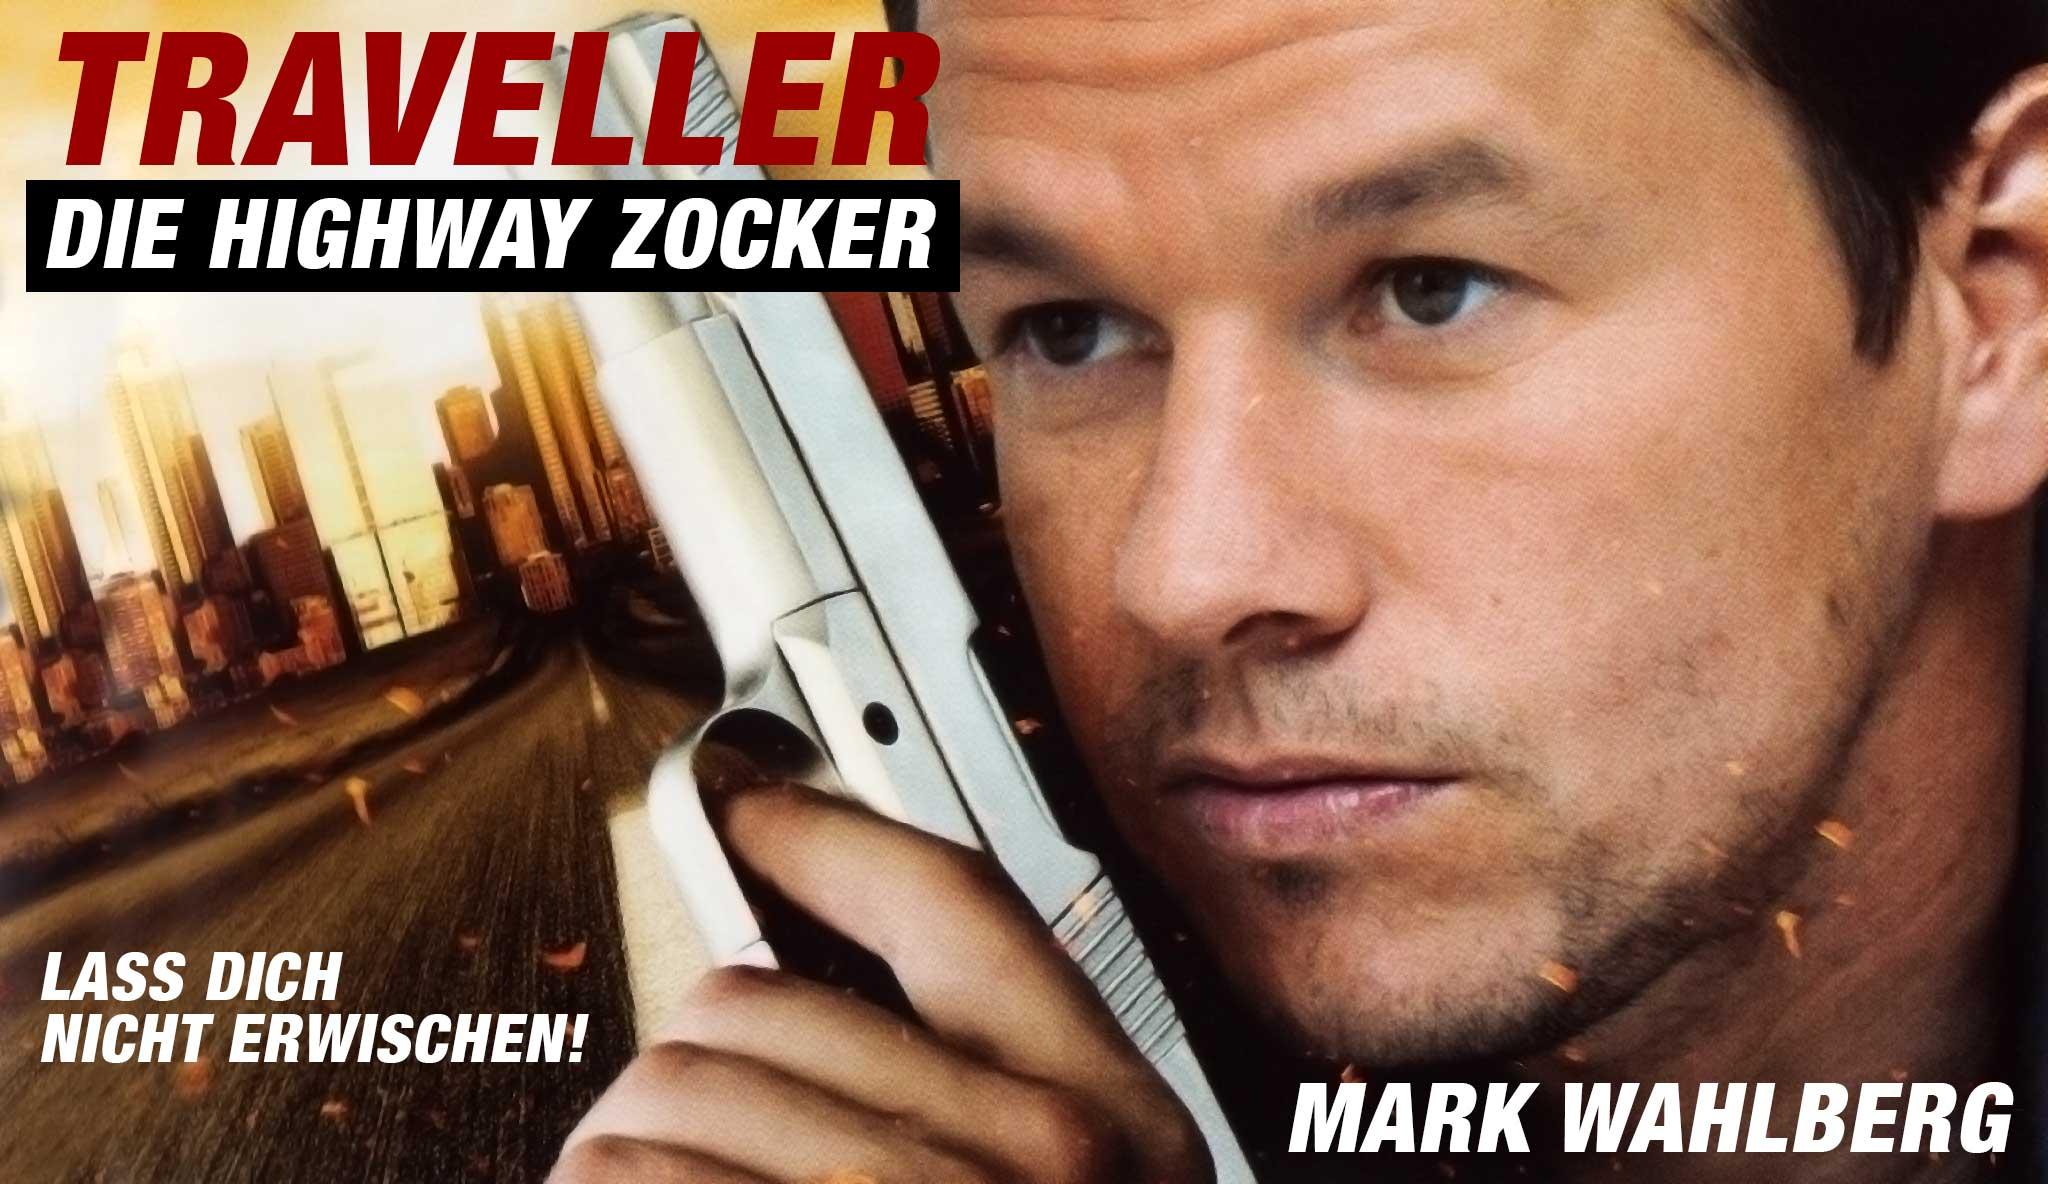 traveller-die-highway-zocker\header.jpg